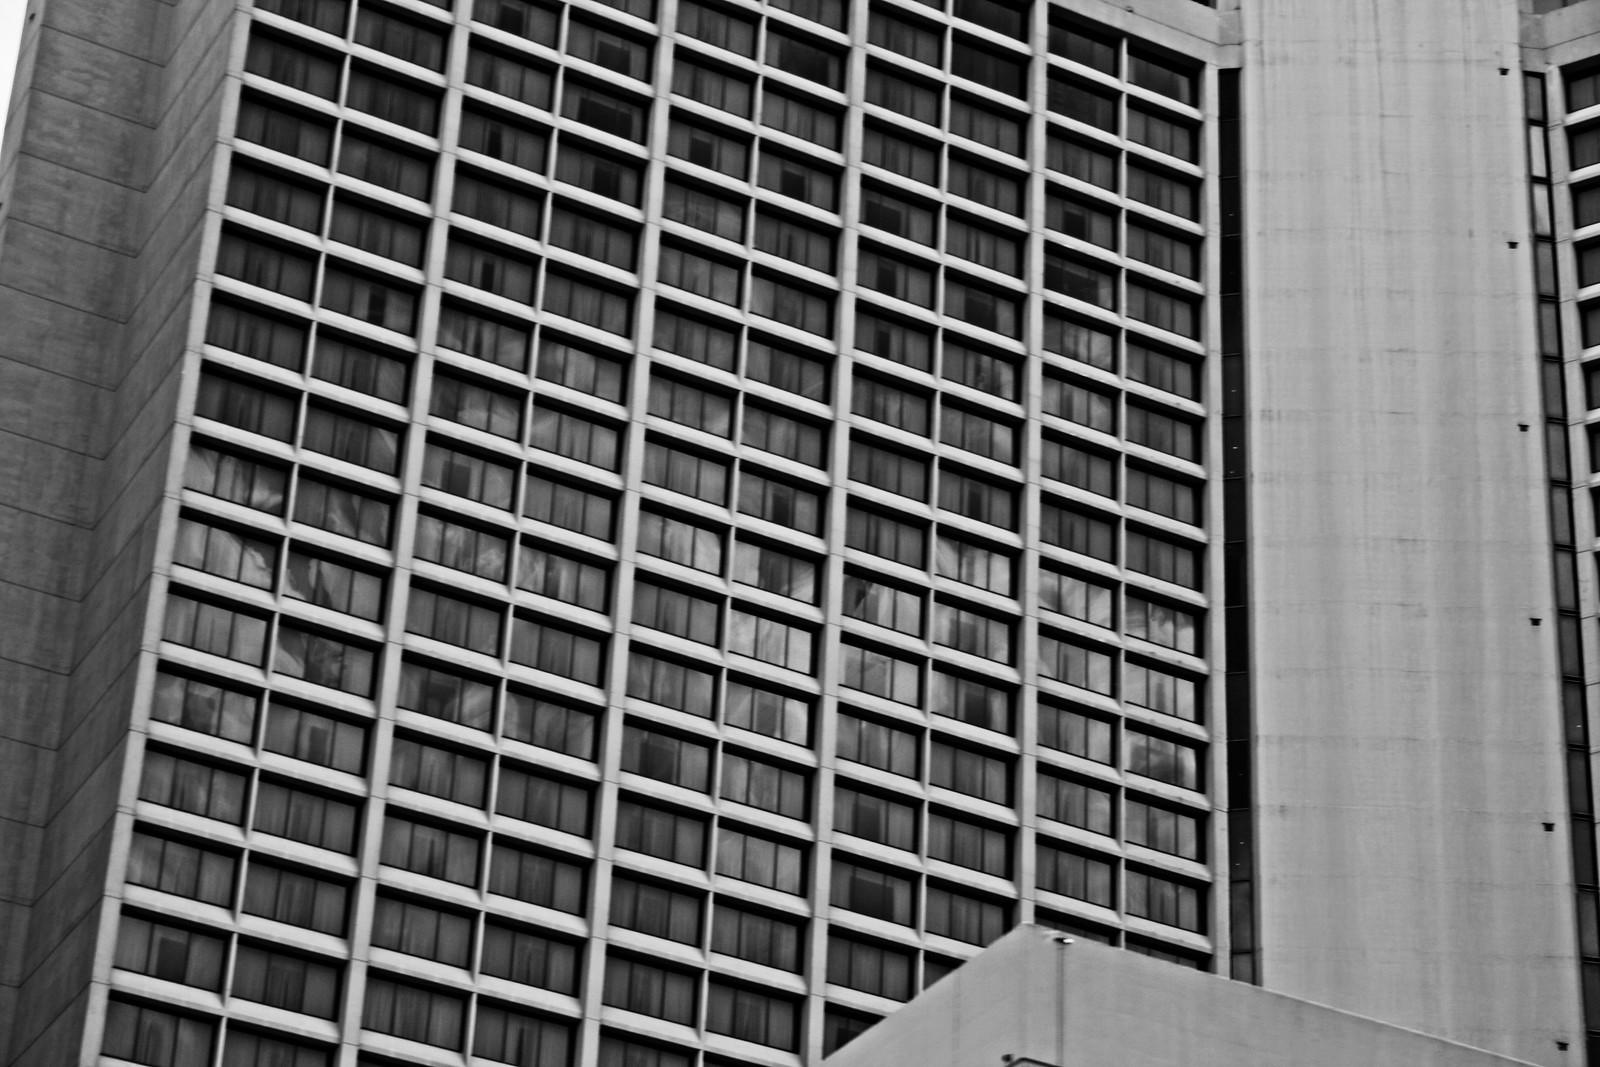 Atlanta, Downtown, June 2013